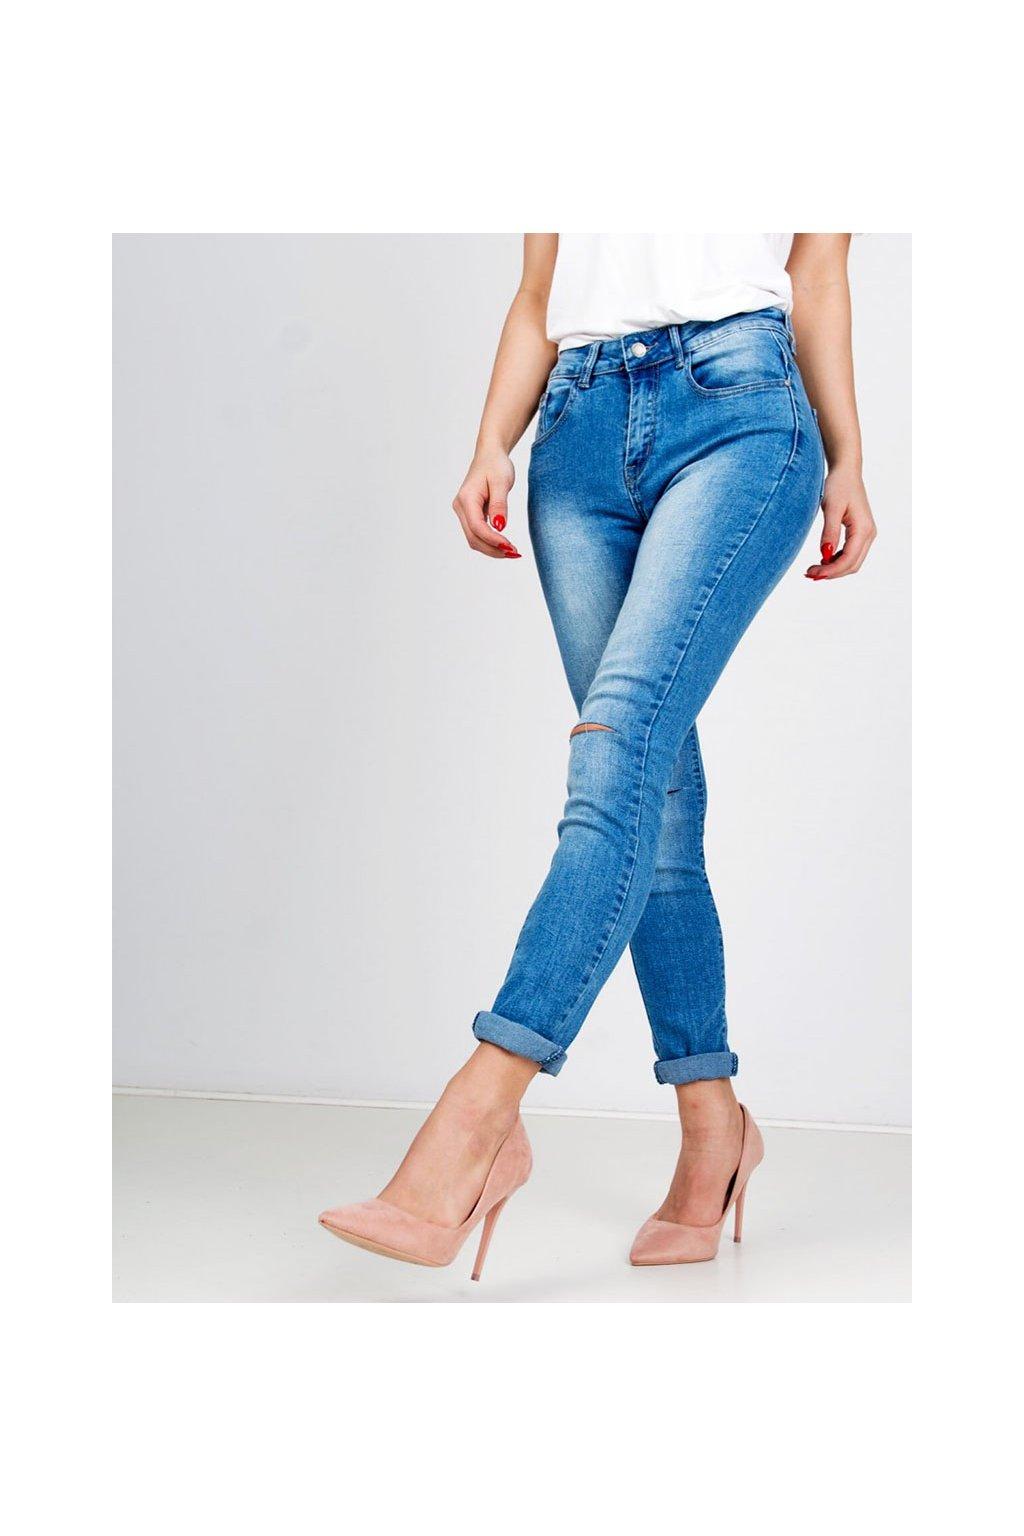 jeans spodnie dopasowane 22 2